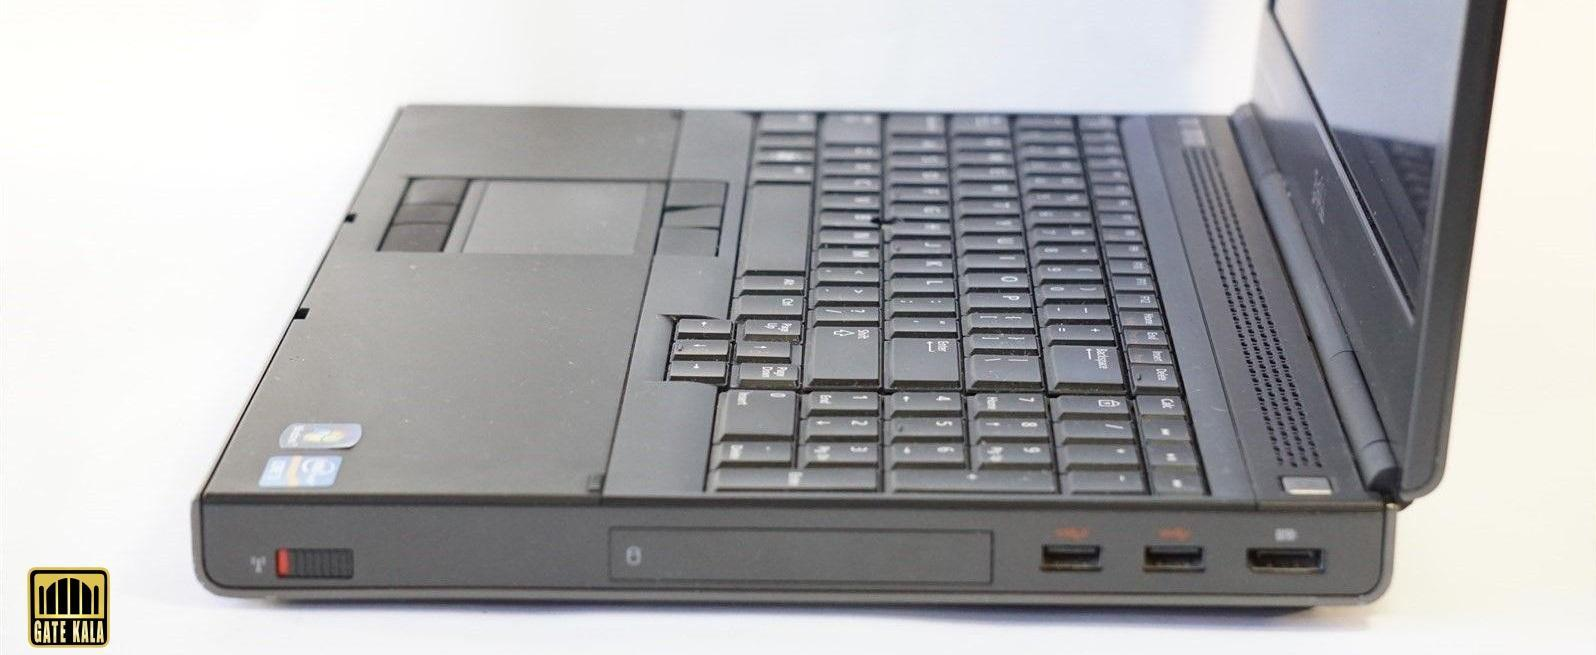 Dell-precision-m4700